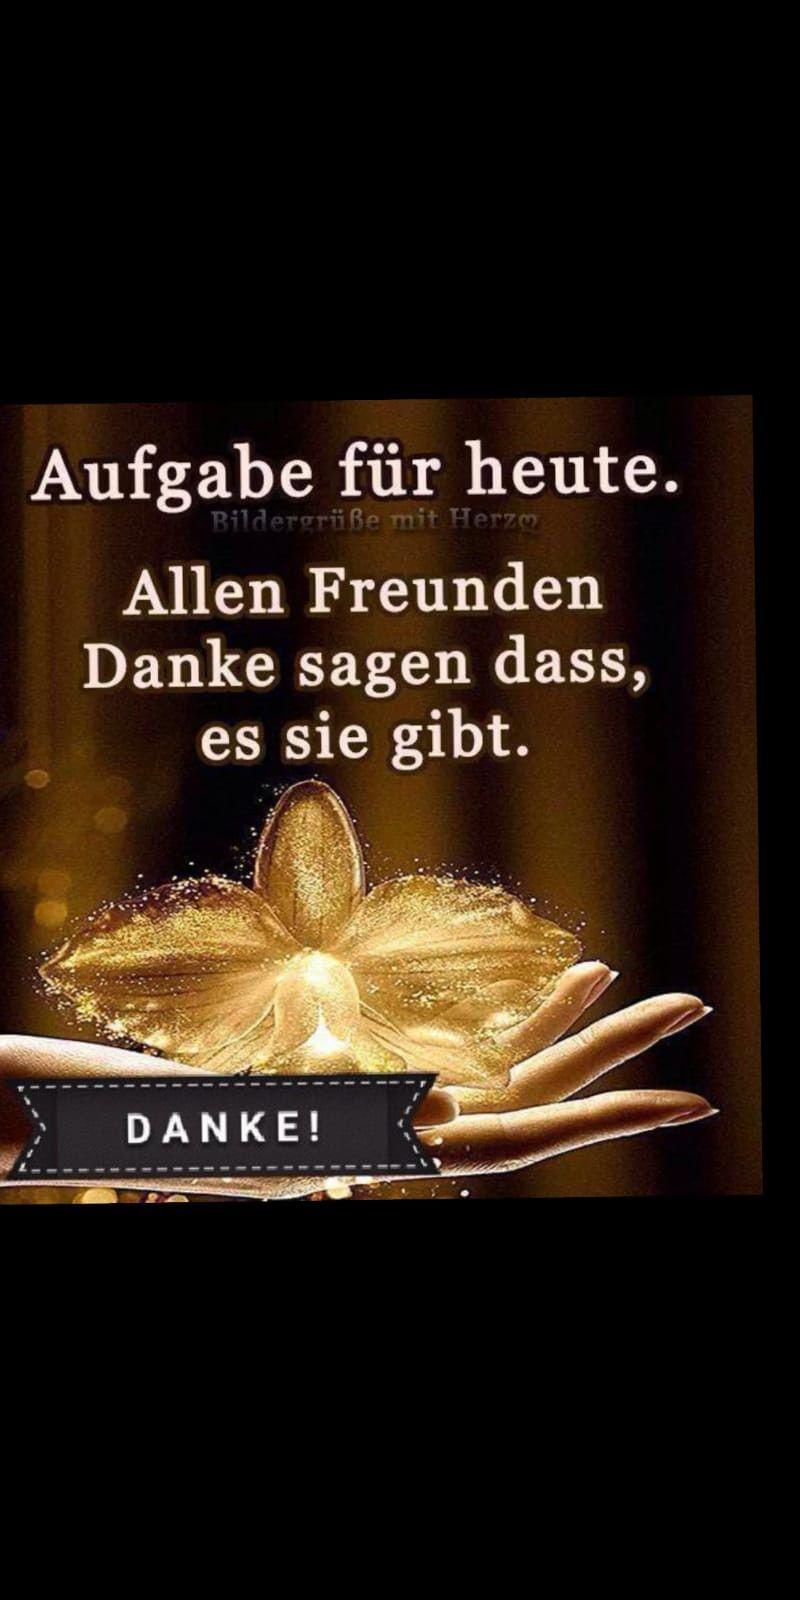 40 Pin Von Grit Schniske Auf Spruche Spruche Leben Bilder Tonis Kunterbunte Welt Spruche